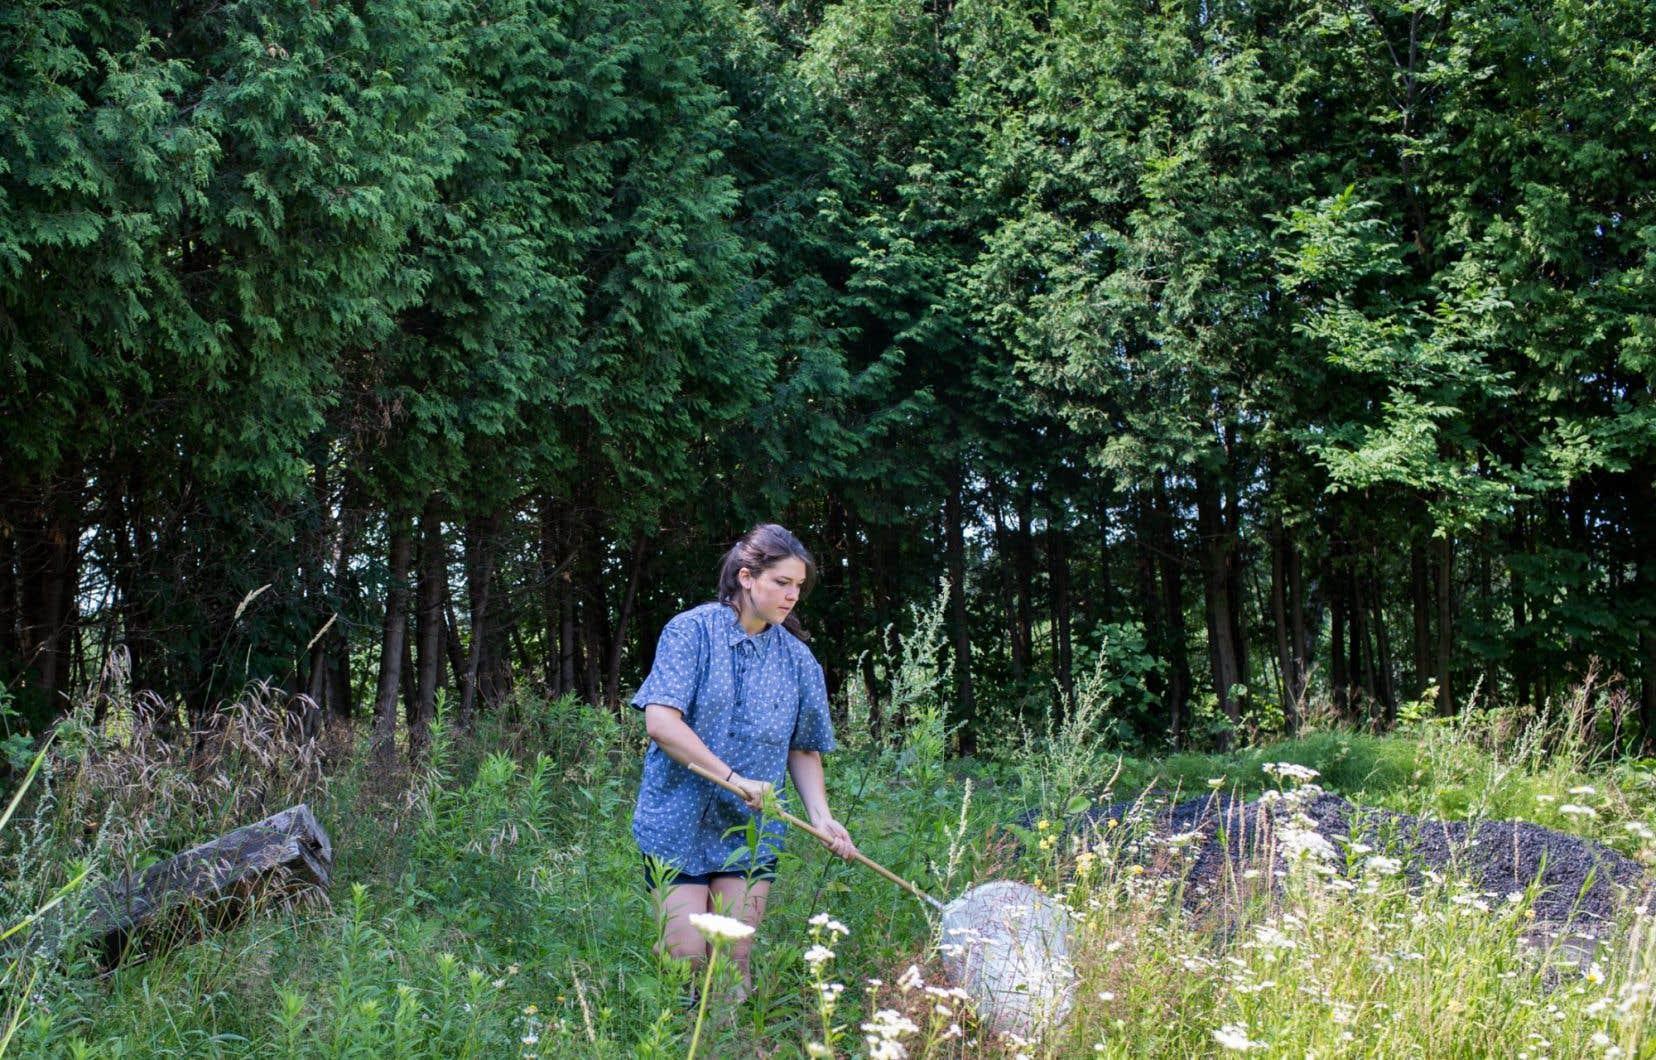 Les étudiants qui accompagnent le chercheur Jacques Brodeur ratissent un espace naturel du mont Saint-Bruno avec leurs filets dans le but de récolter des échantillons des insectes présents.